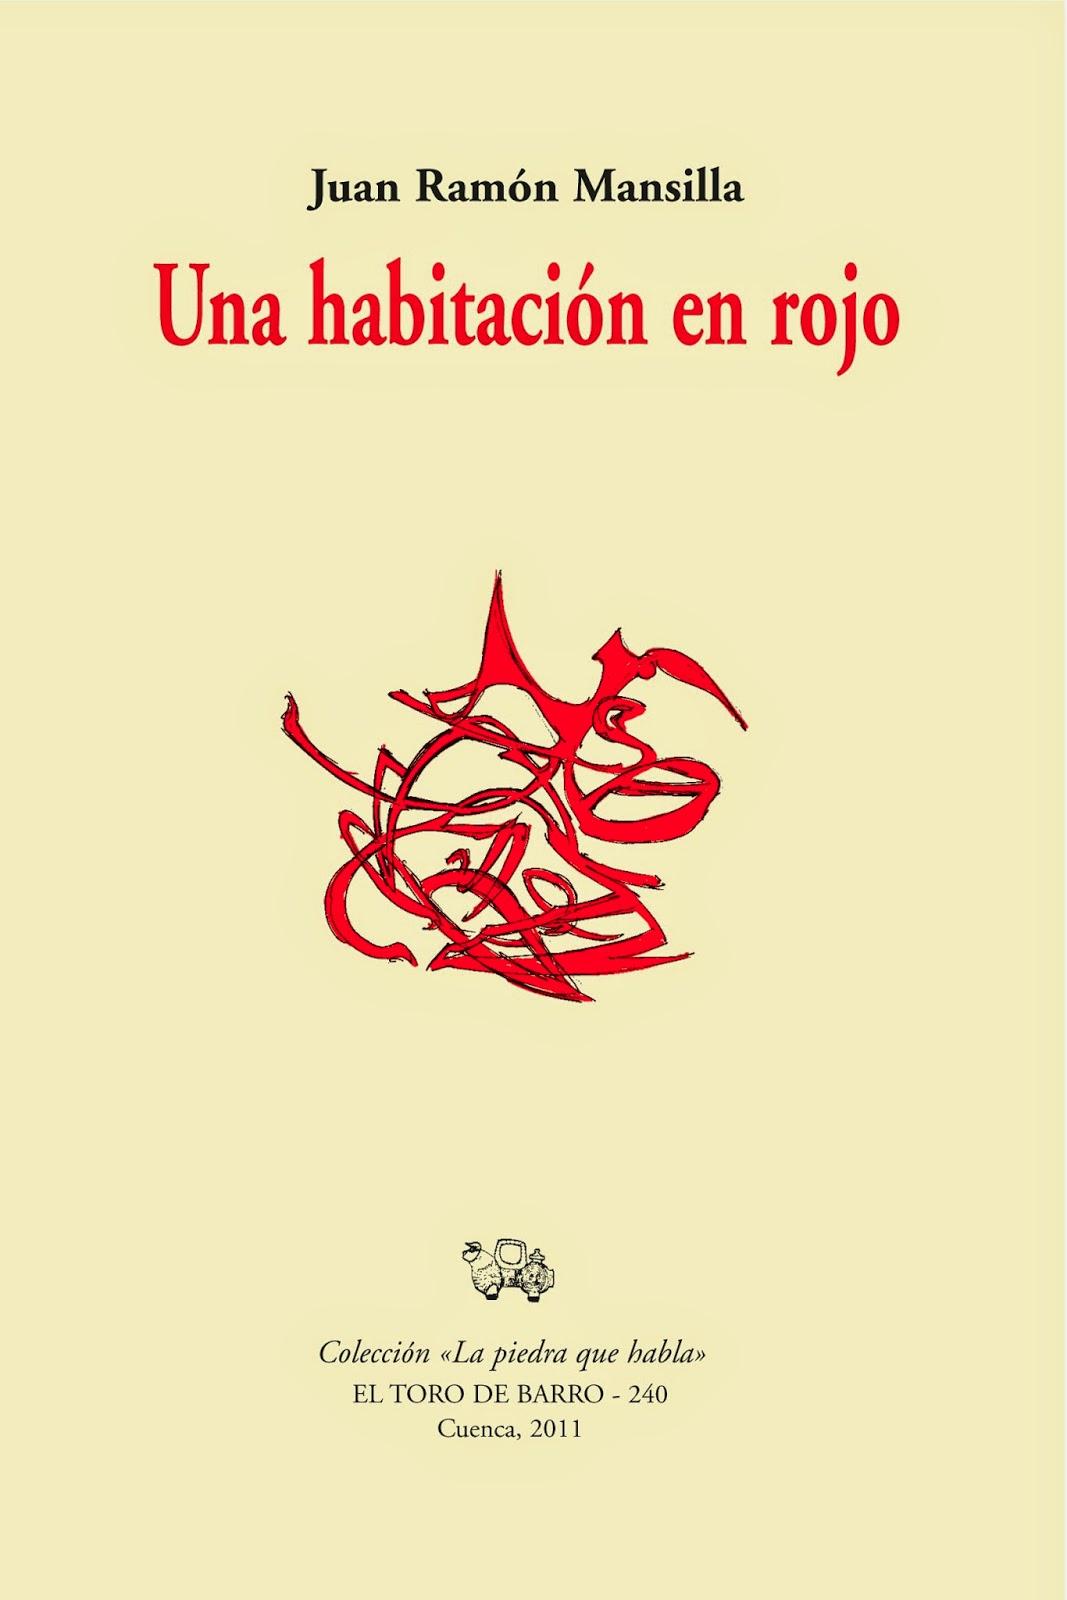 """Juan Ramón Mansilla, """"Una habitación en rojo"""" Col. La piedra que habla Ed. El Toro de Barro, Carlos Morales ed. Tarancón de Cuenca, 2011. edicioneseltorodebarro@yahoo.es"""